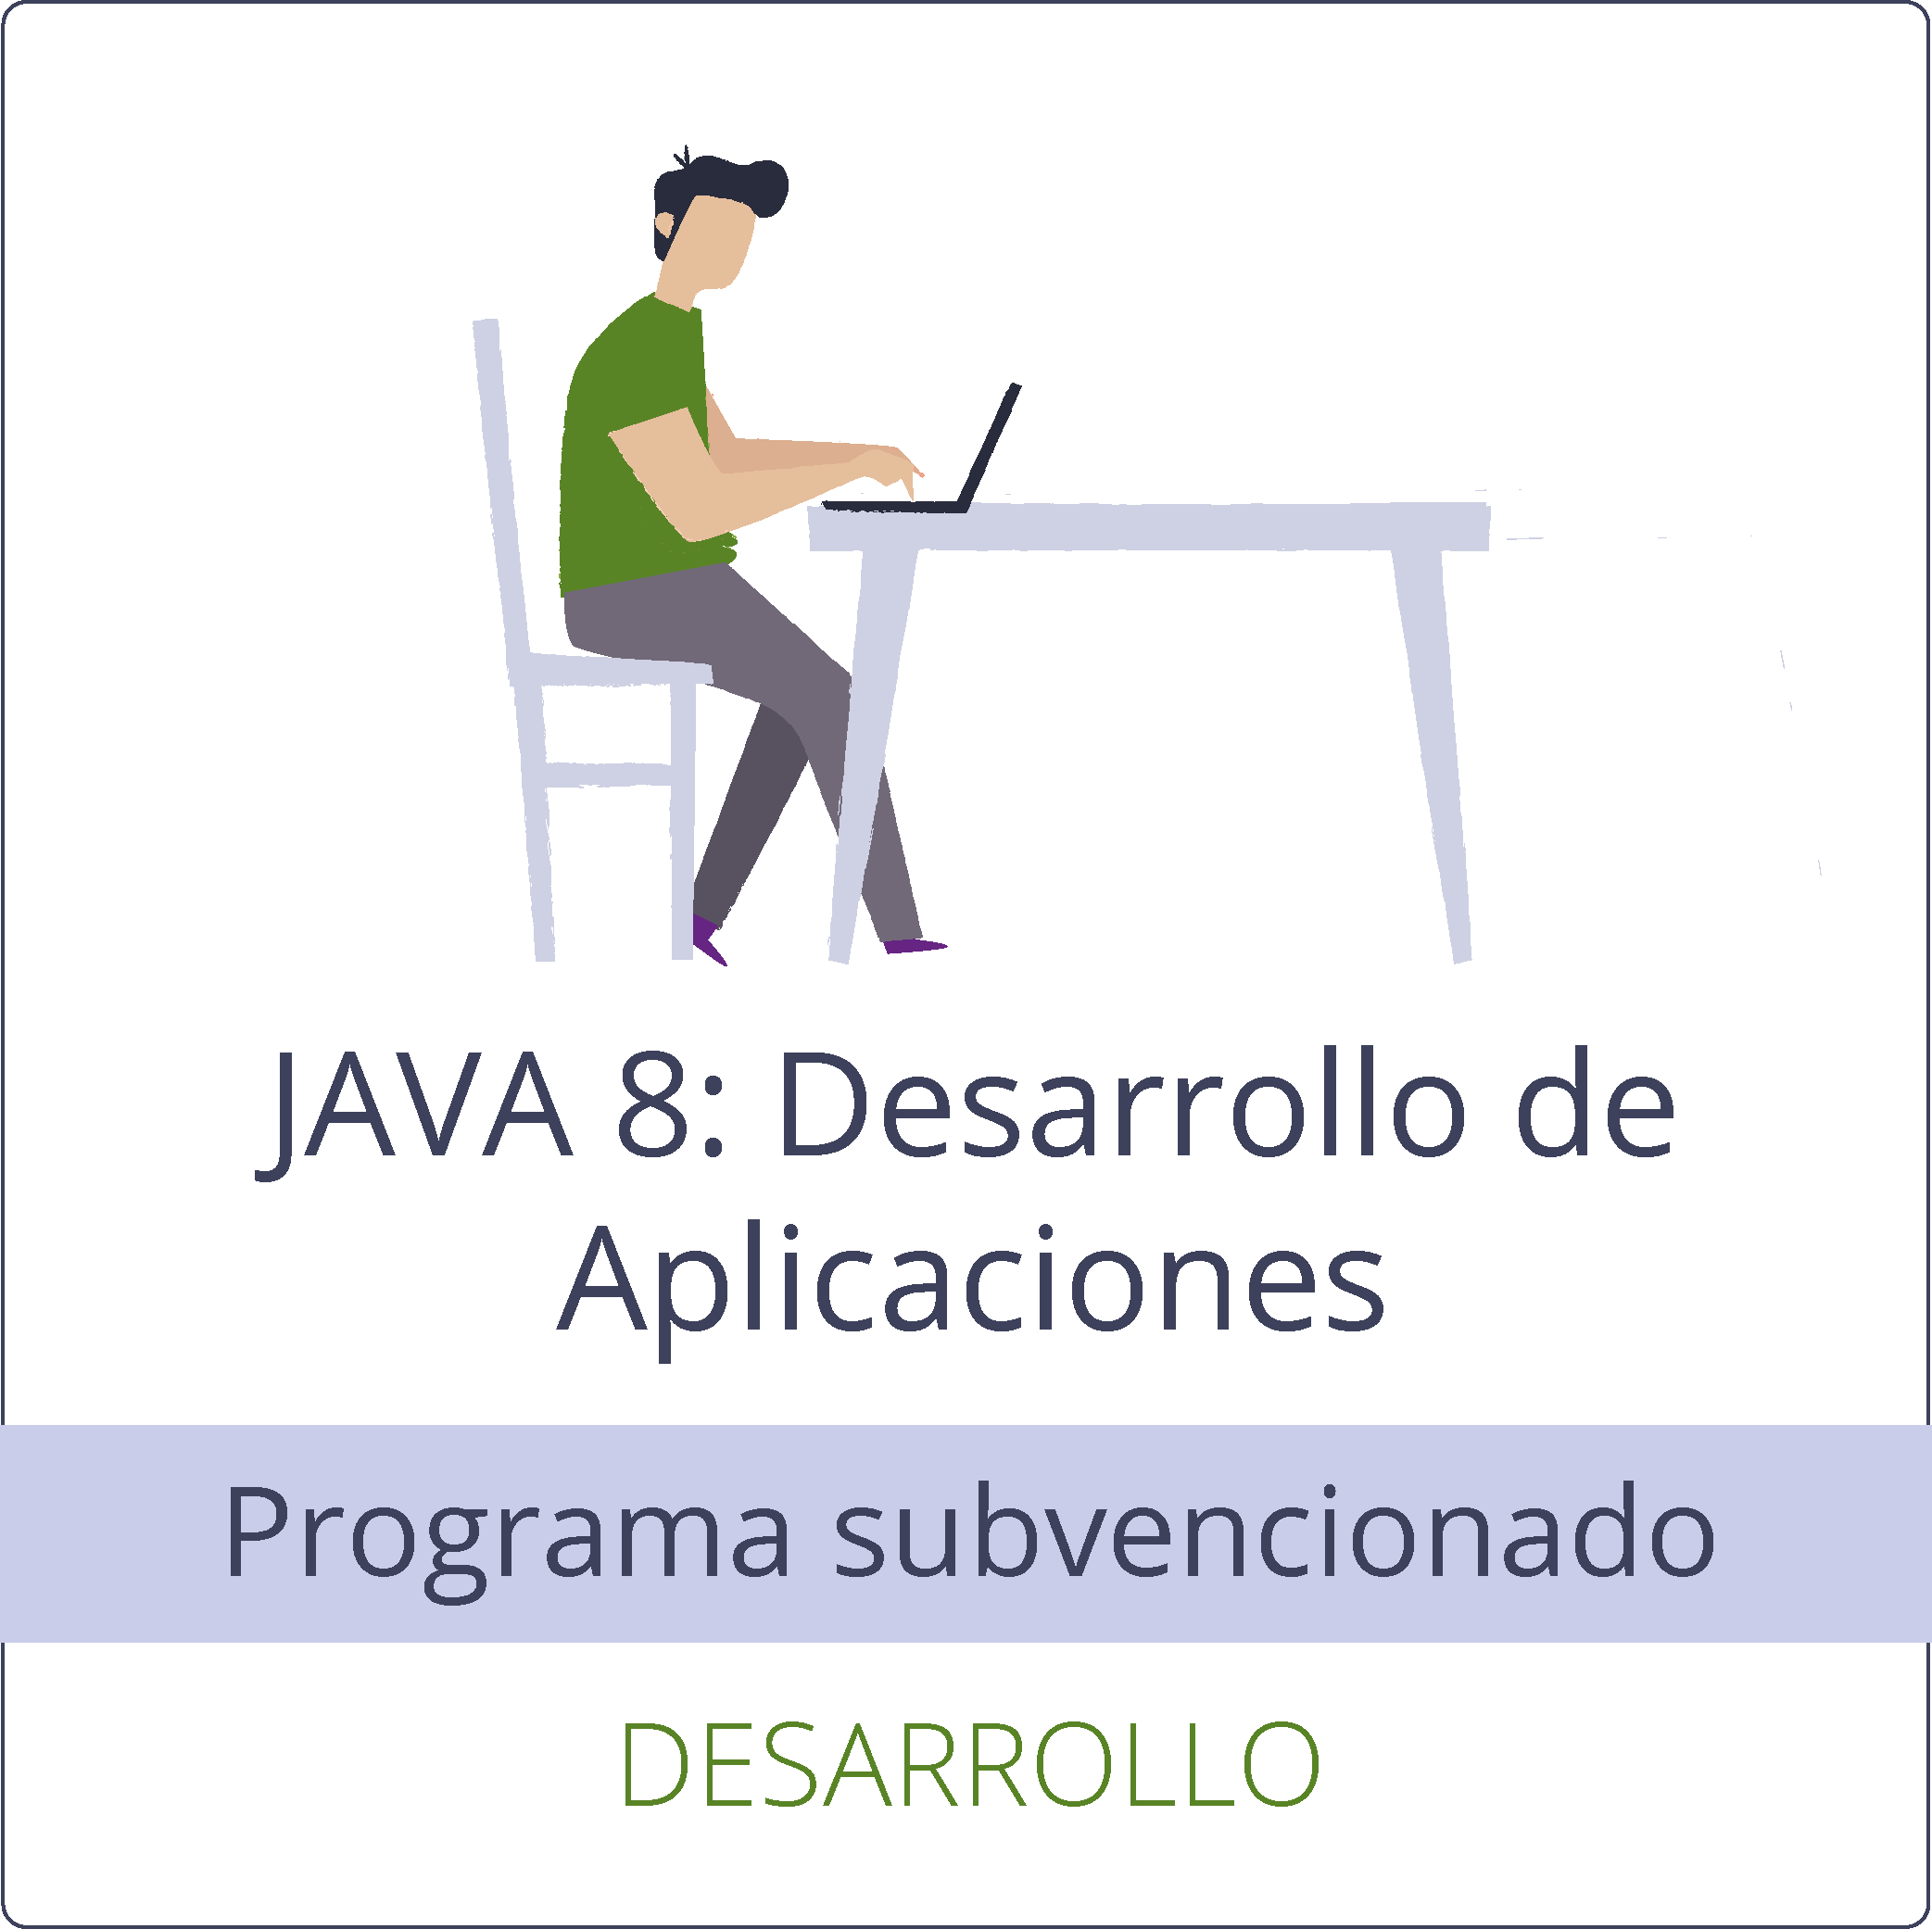 JAVA 8: Desarrollo de Aplicaciones (gratuito)